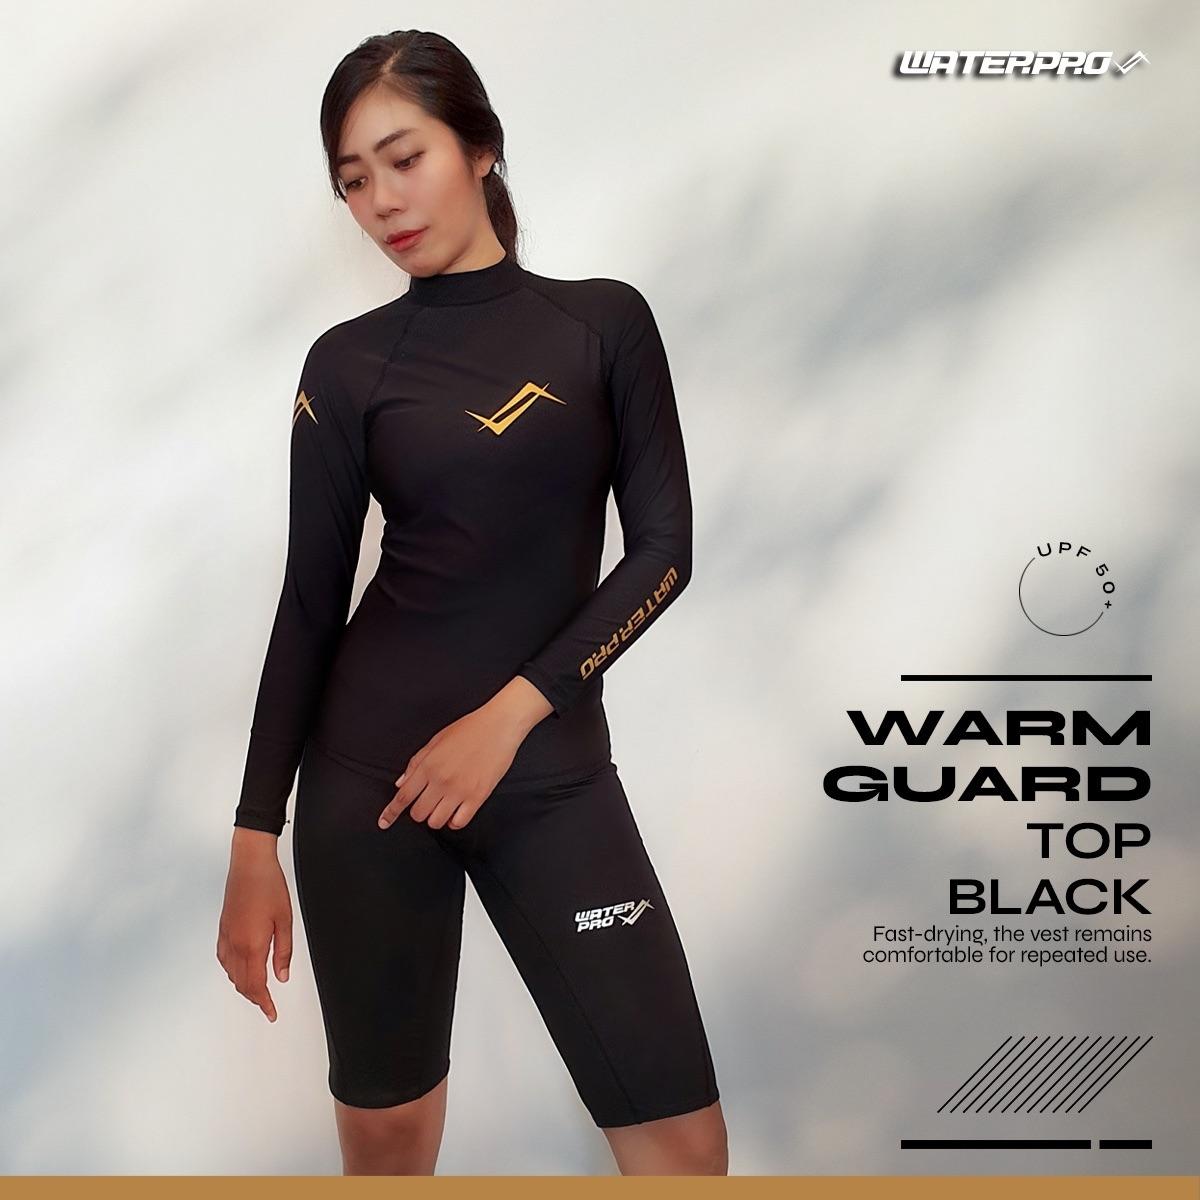 เสื้อรัชการ์ด Water Pro รุ่น Warm Guard Upf50+ ใส่ได้ทั้งชาย-หญิง กัน Uv 98%.